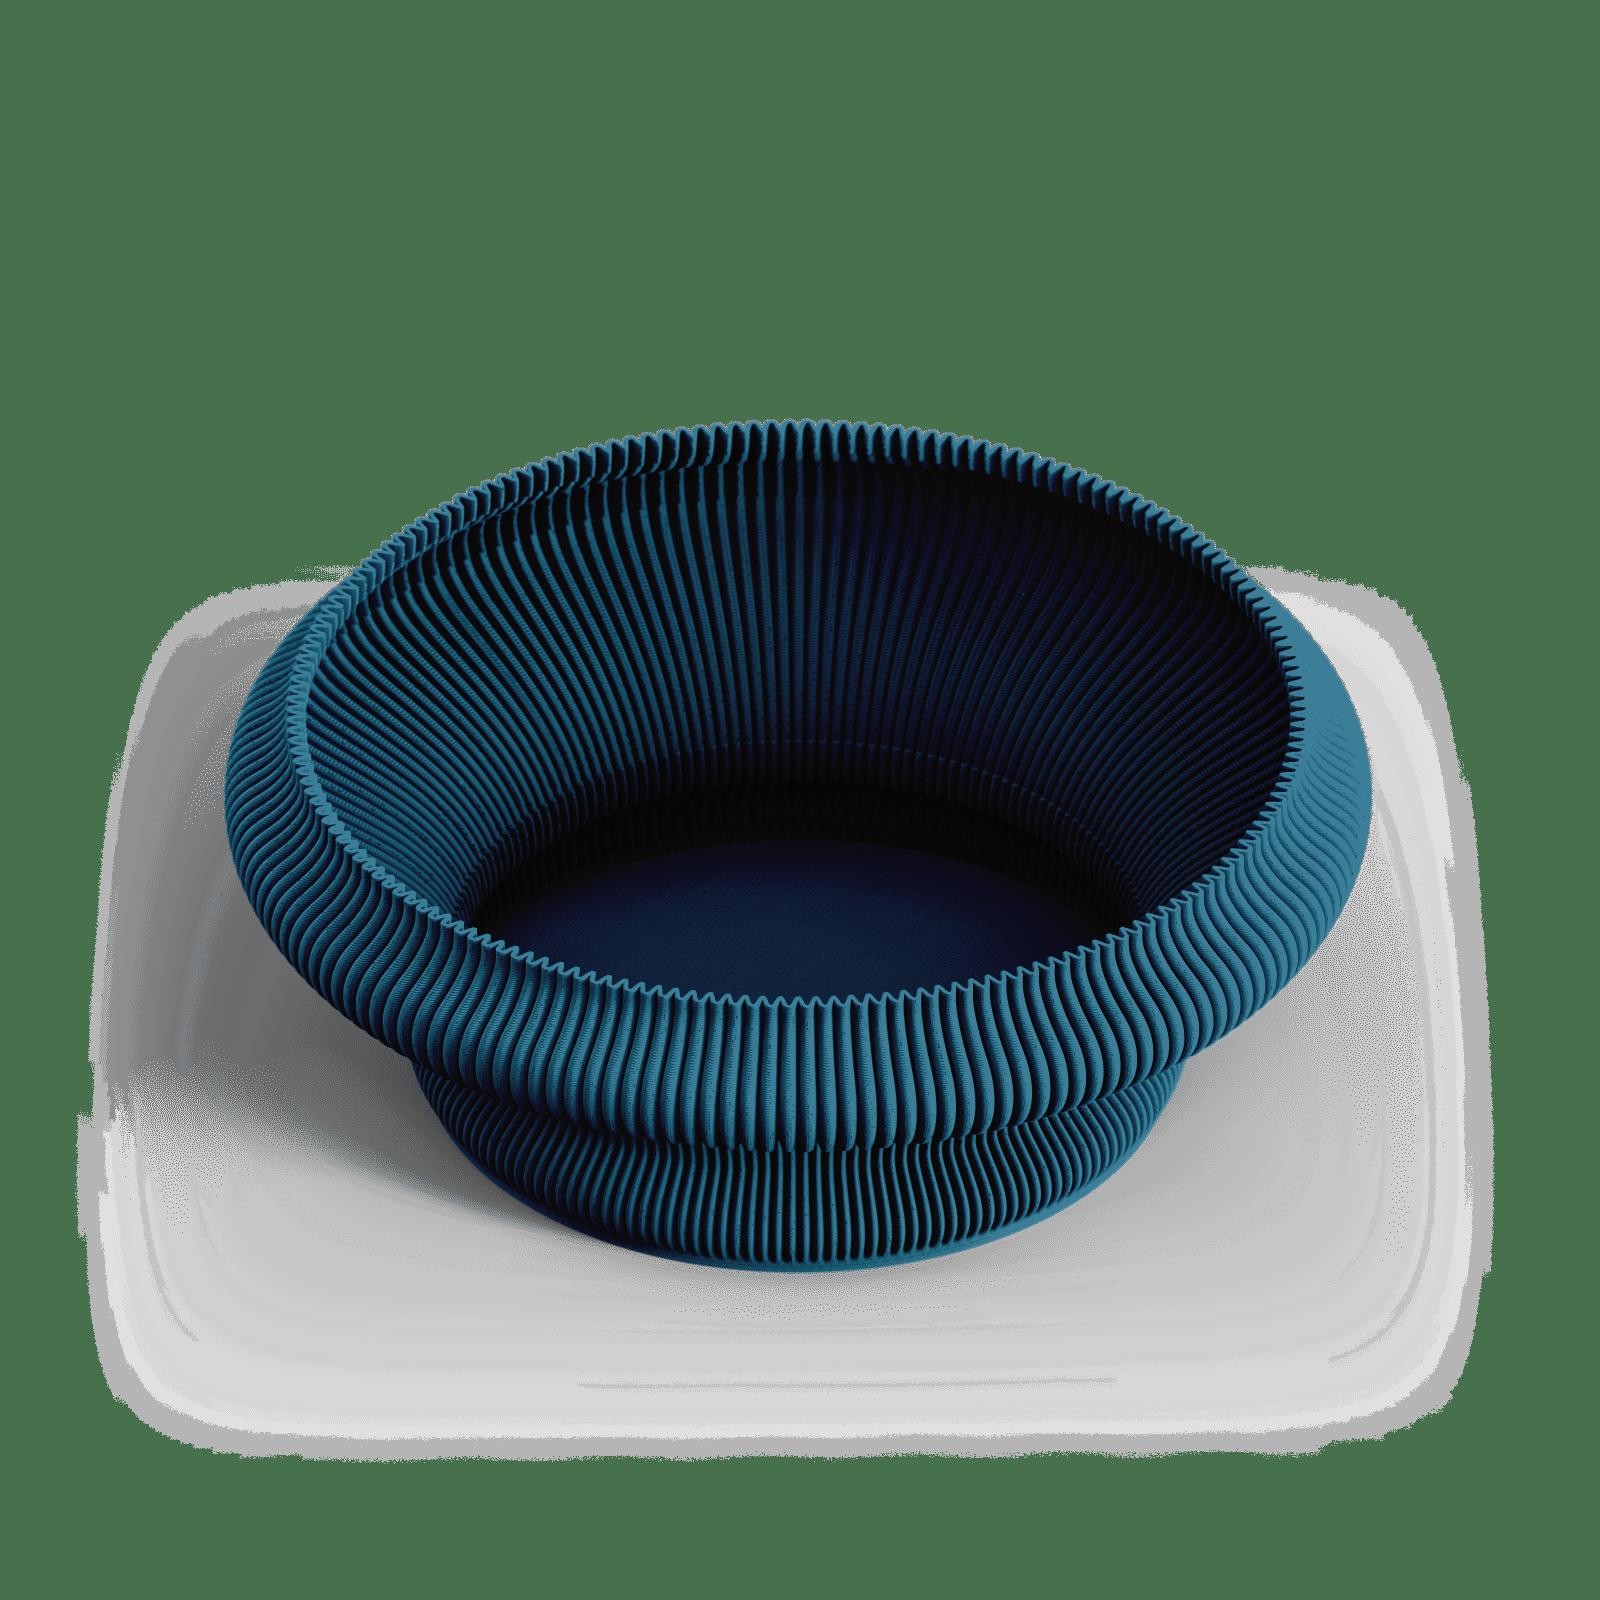 ZAYL 309g Bowl Mosaic Blue PNG 1